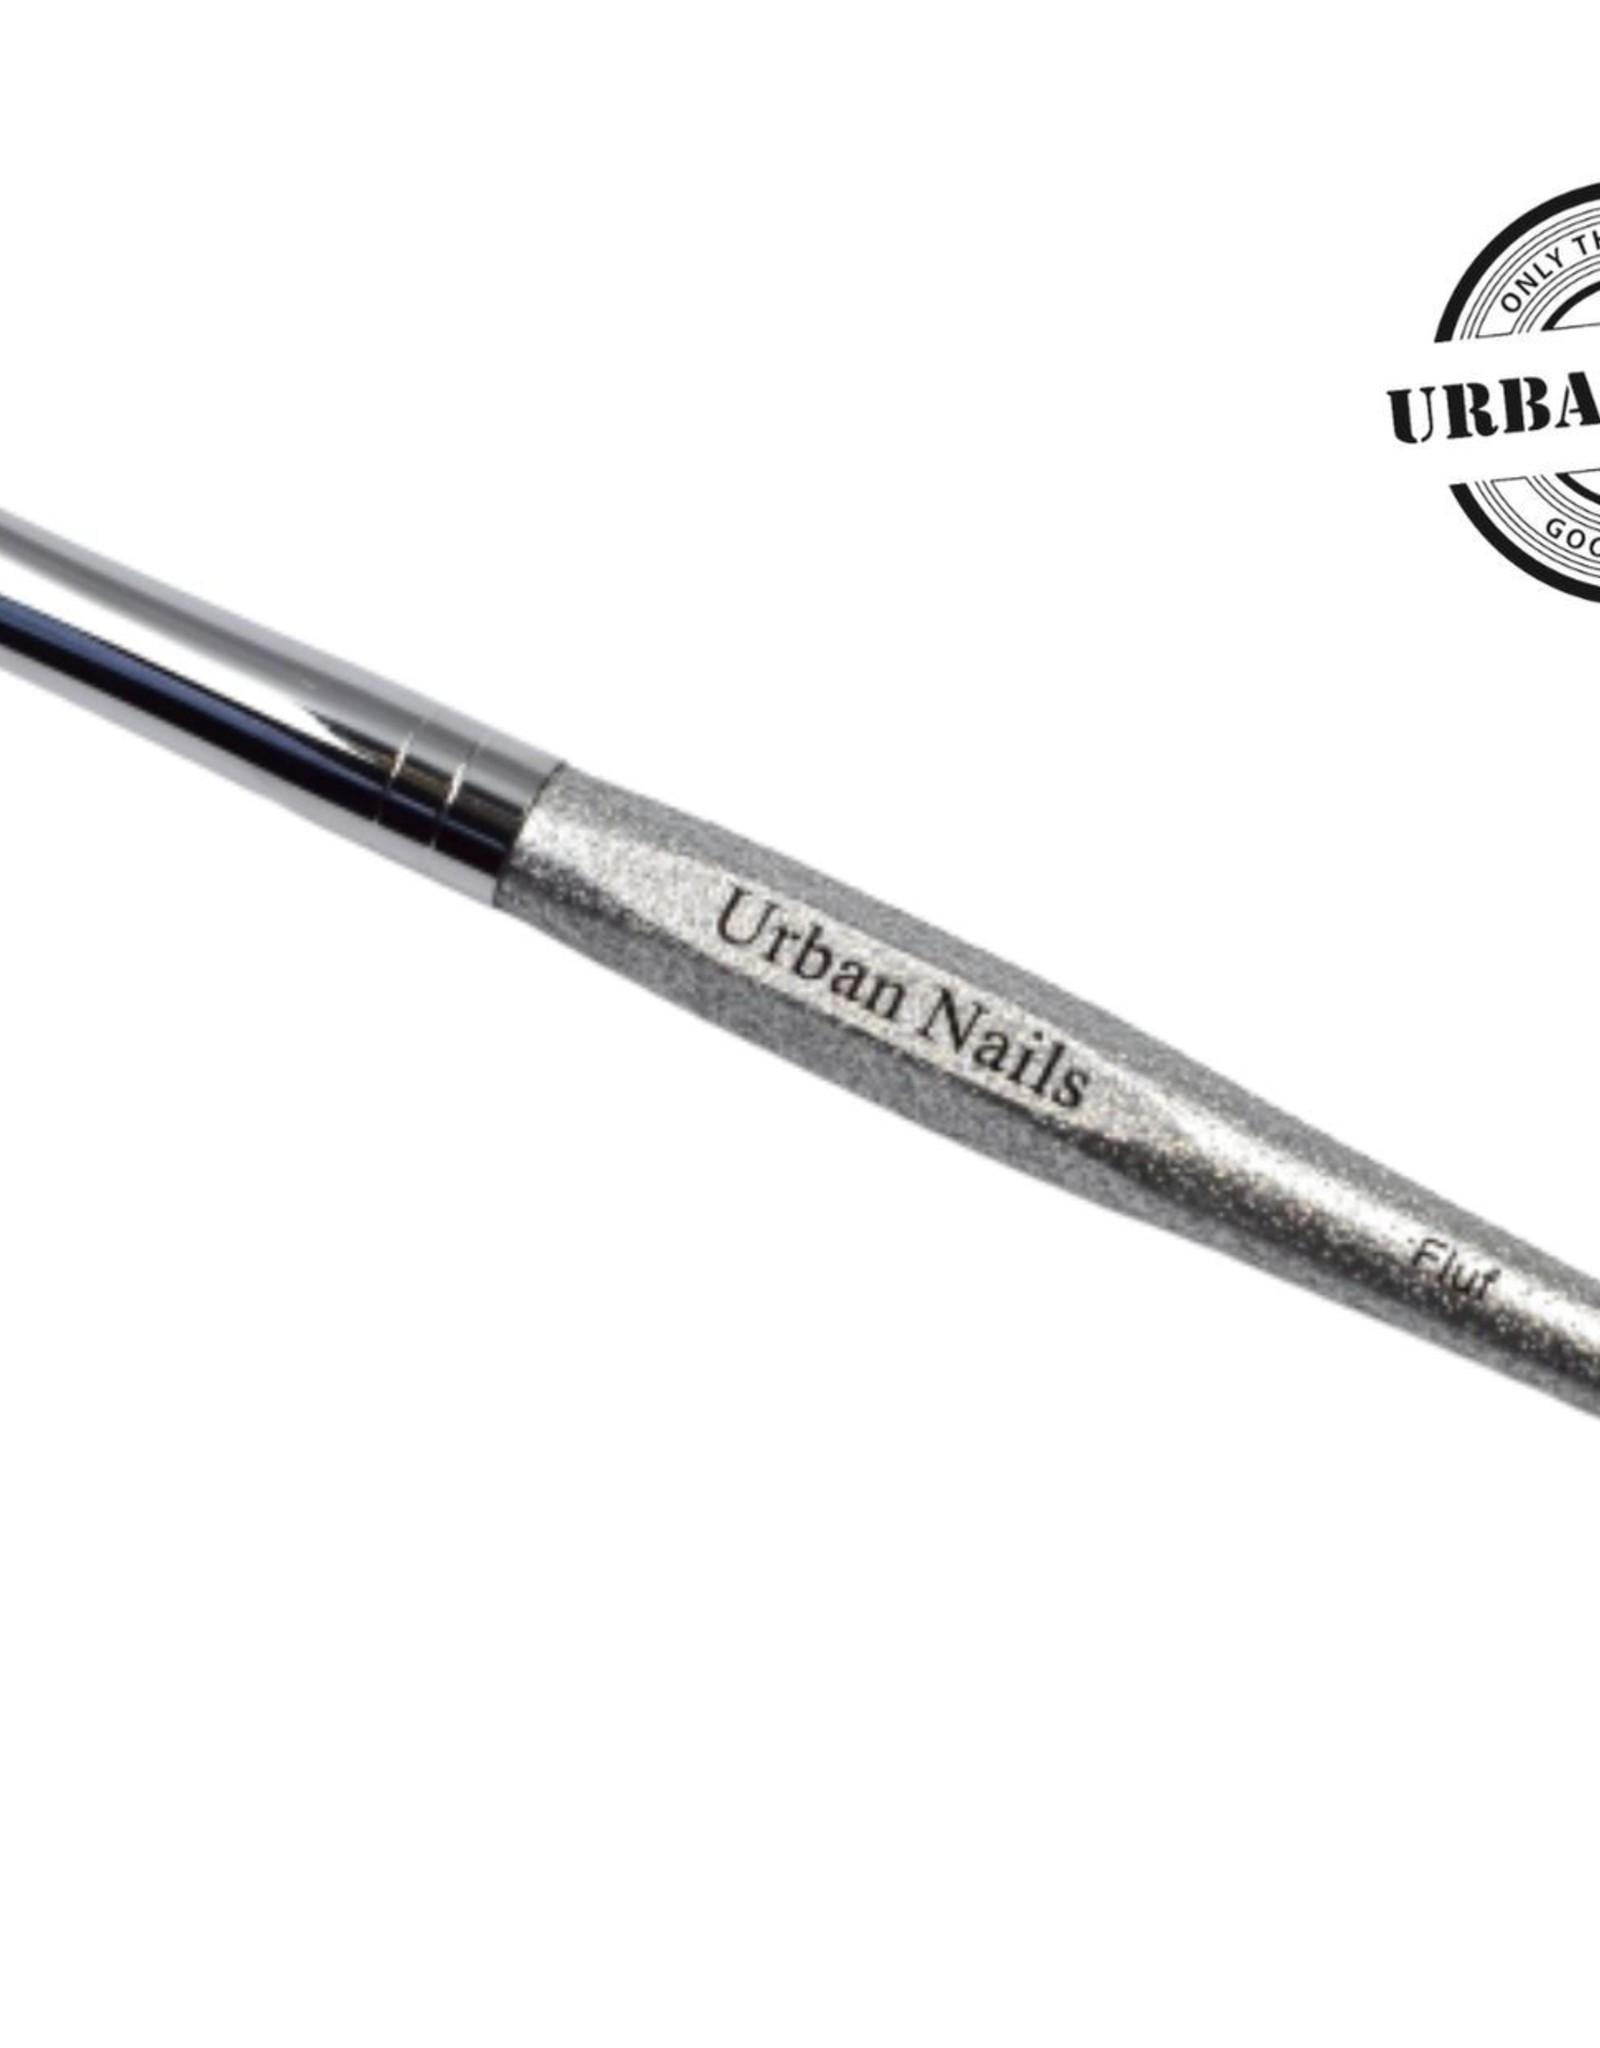 Urban Nails Fluf